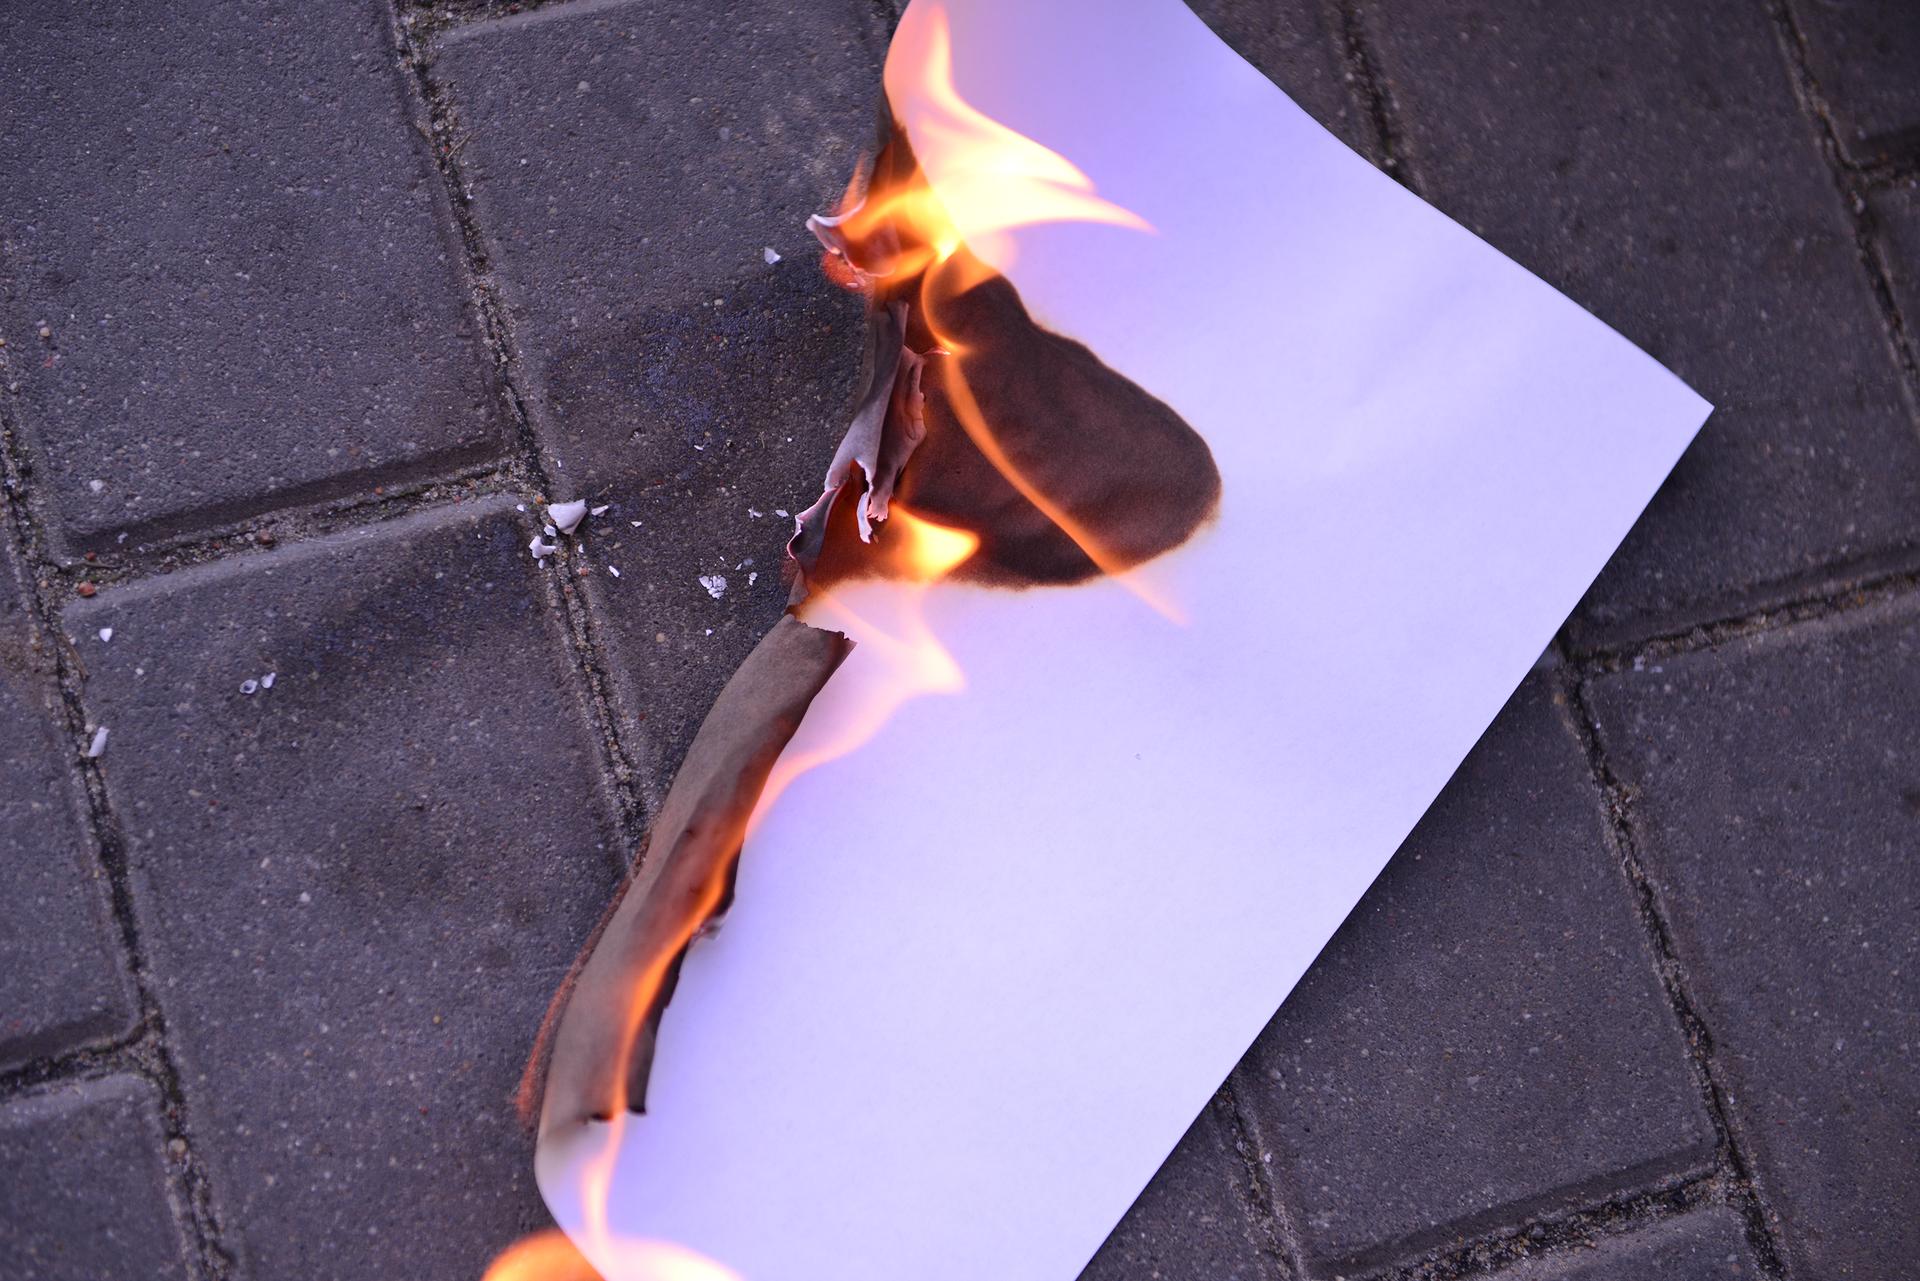 Zdjęcie przedstawia płonącą czystą kartkę papieru leżącą na chodniku.